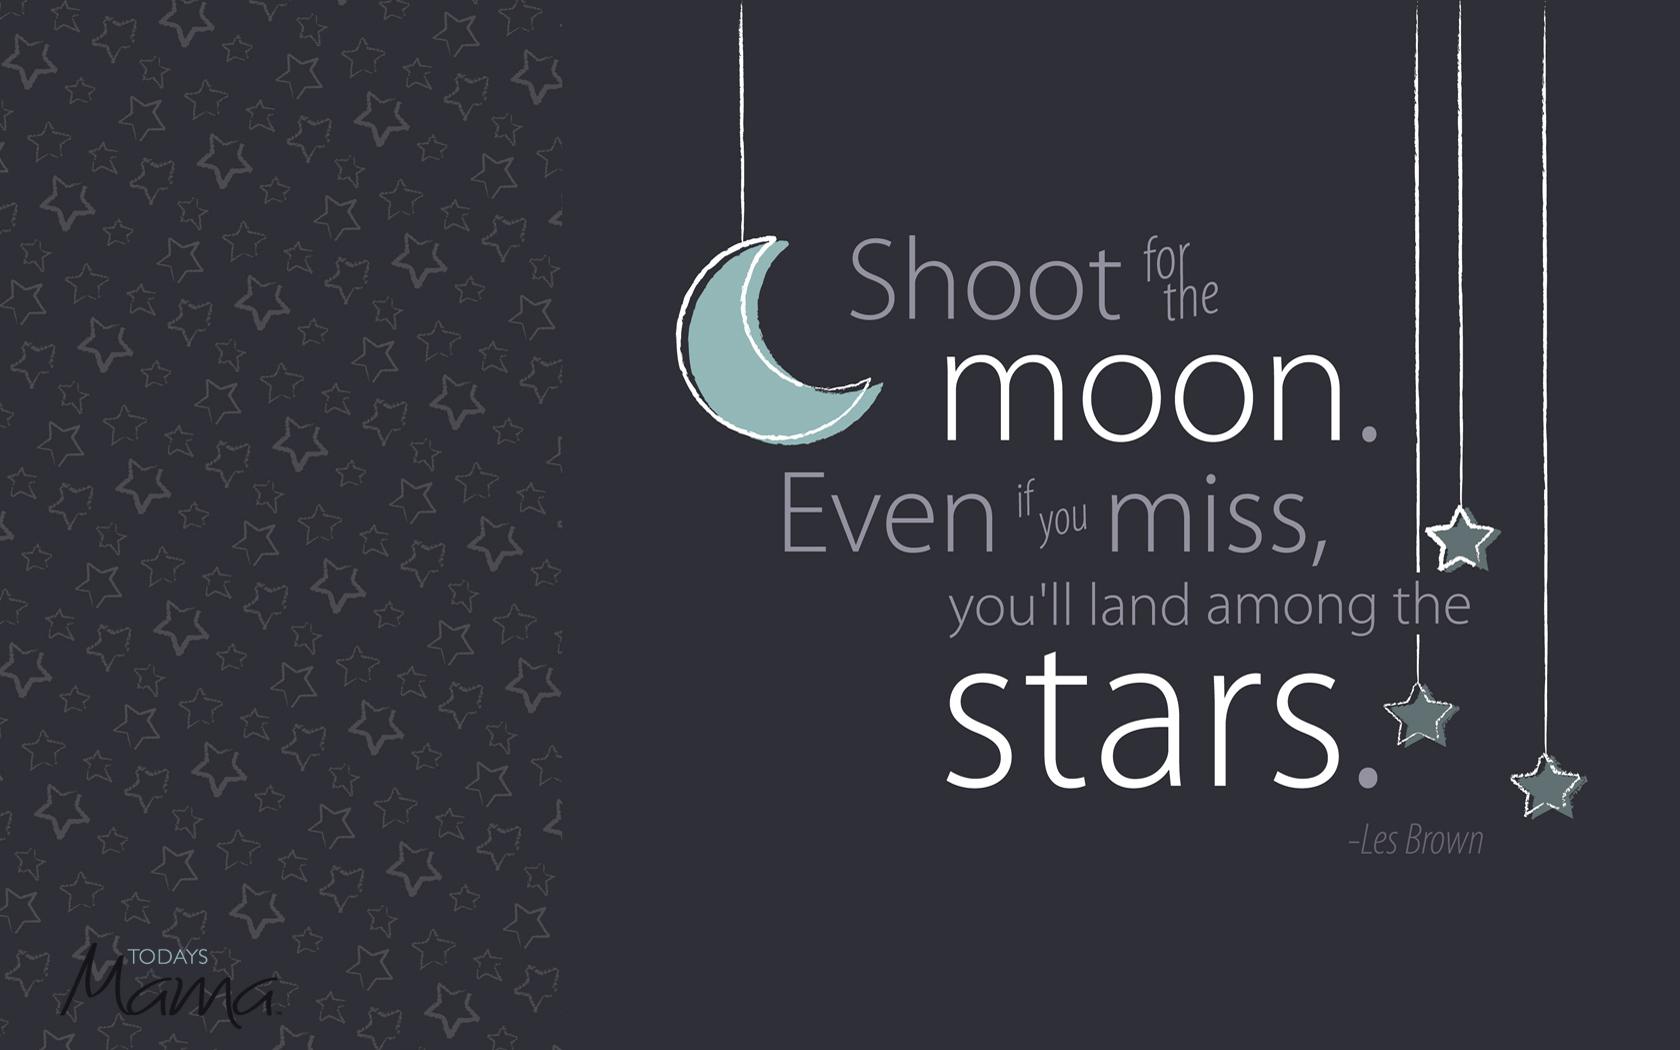 motivational quote wallpaper desktop widejpg 1680x1050